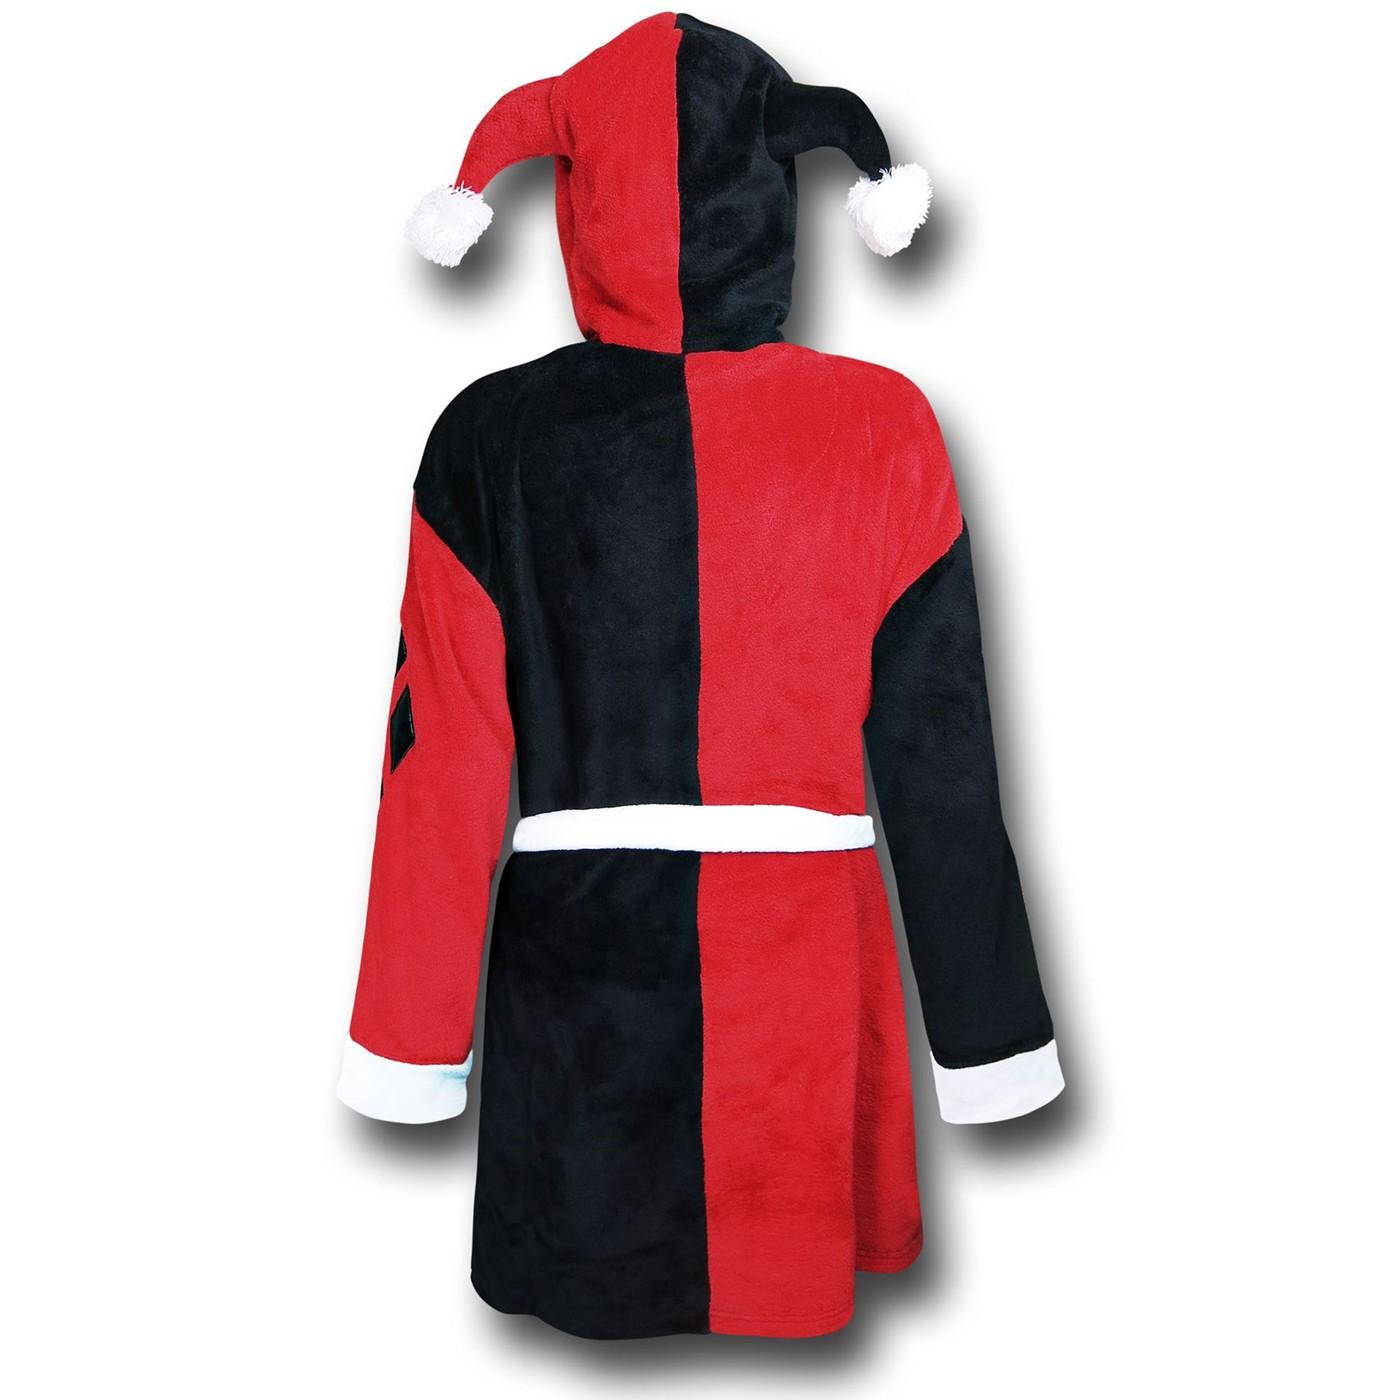 Harley Quinn Plush Robe